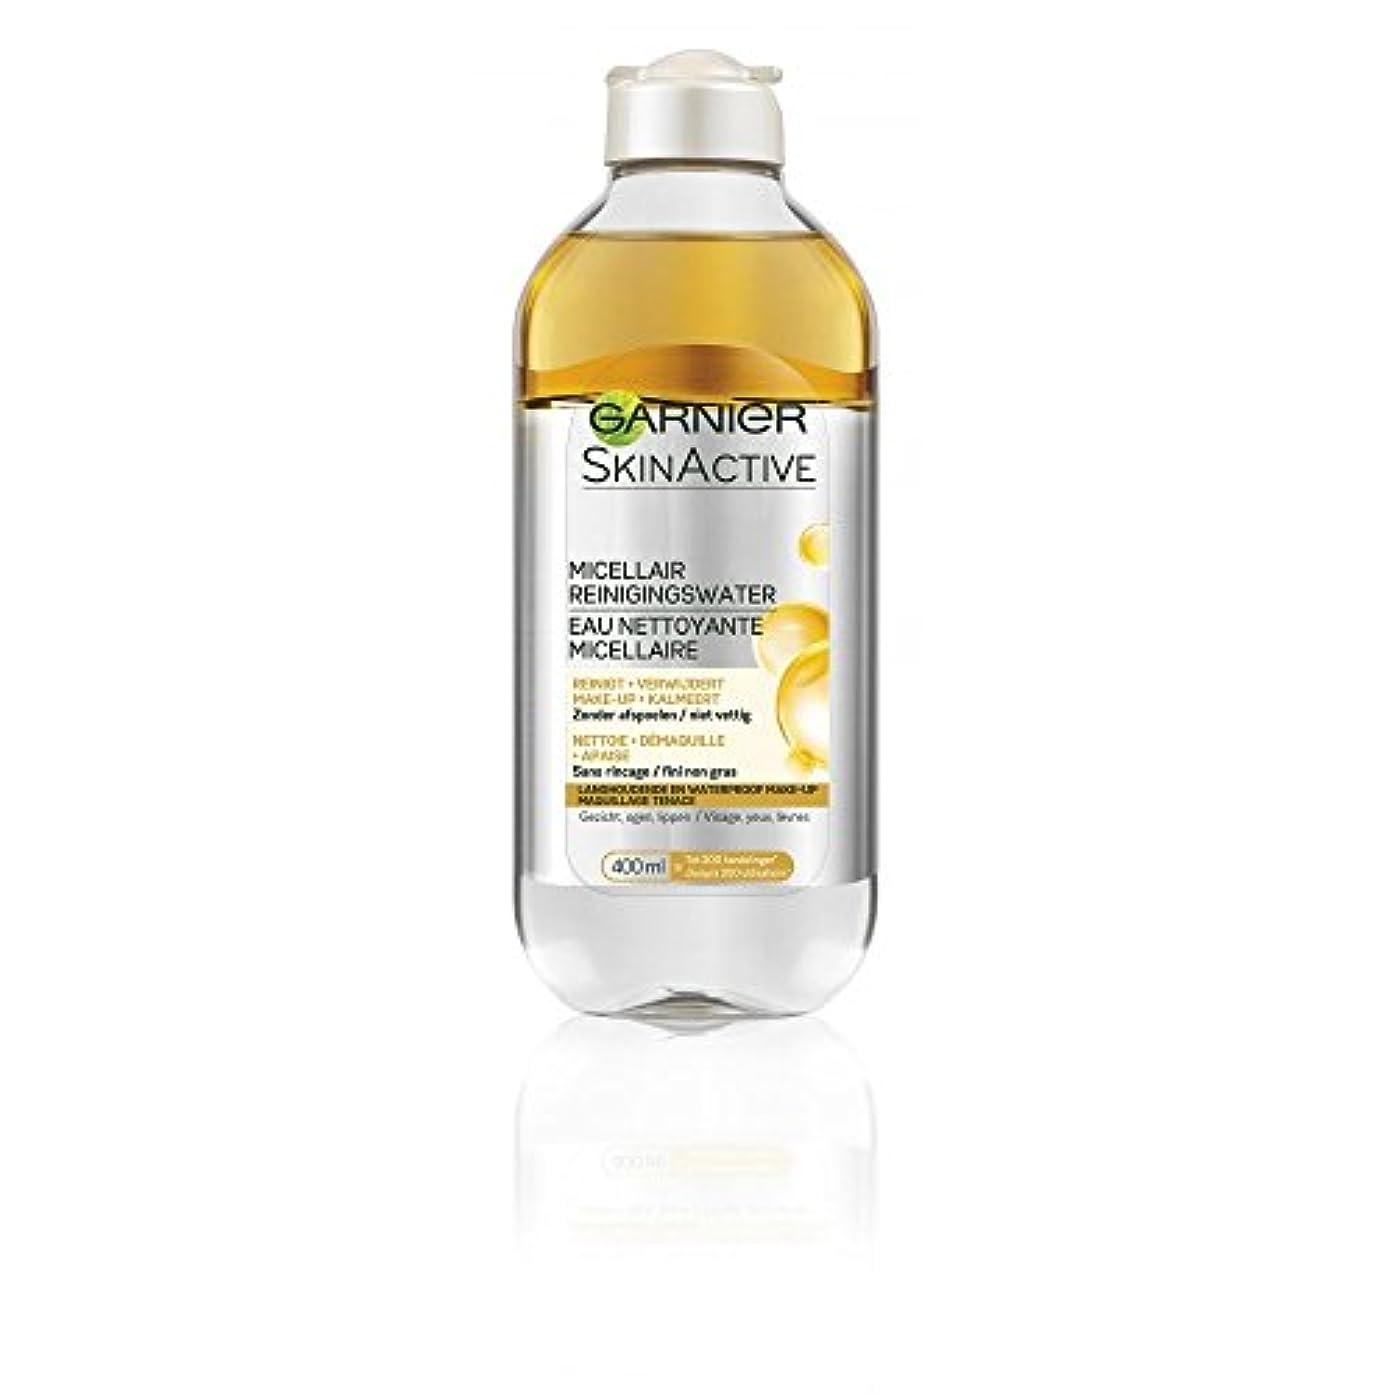 アルバムアミューズメント厳ガルニエ SkinActive Micellar Water - Removes Waterproof Make-Up 400ml/13.3oz並行輸入品